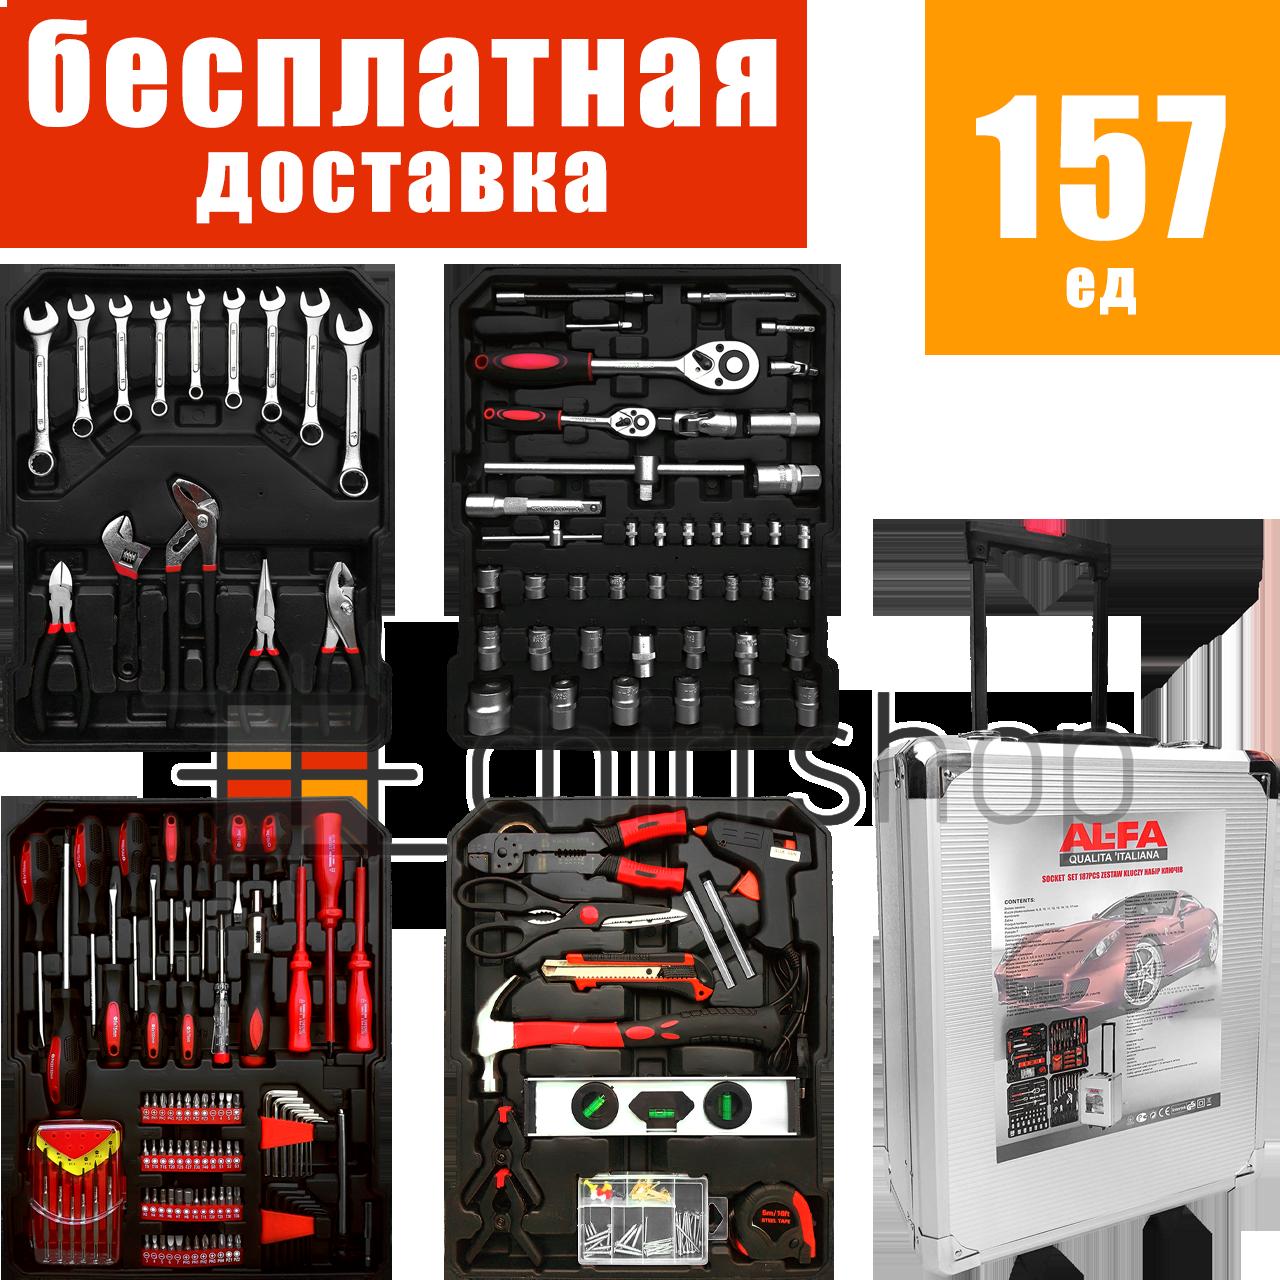 Набор инструментов в чемодане 157 предметов AL-FA, набор ключей и отвёрток, инструменты для дома ALFA